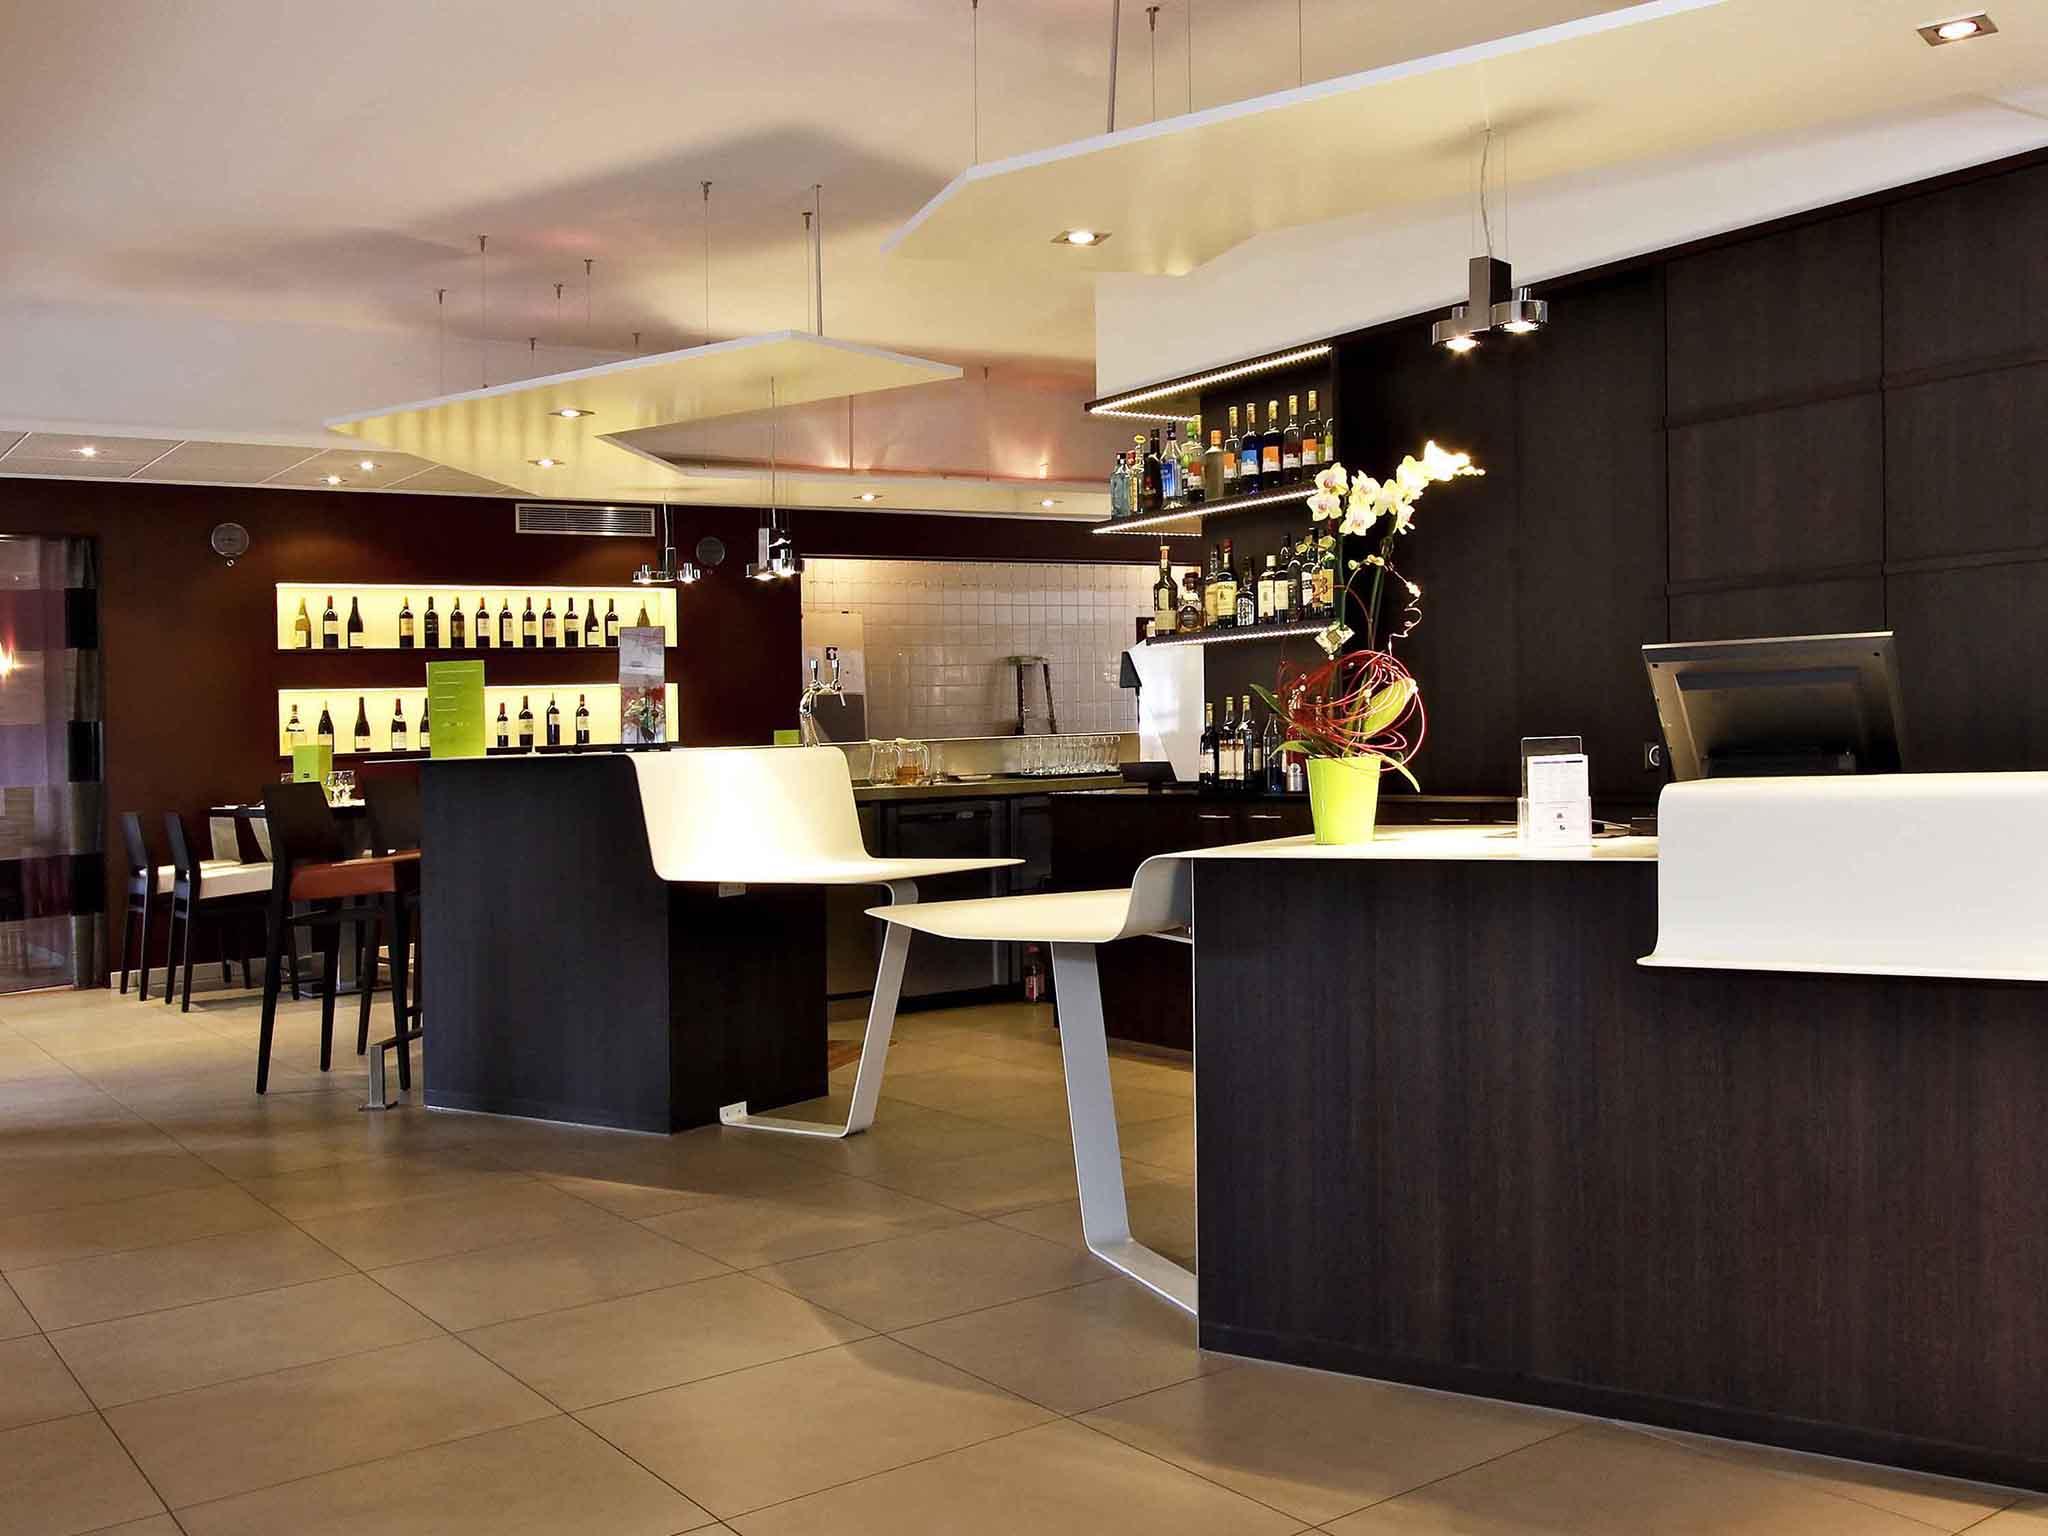 ホテル – Hôtel Mercure Luxeuil-les-Bains Hexagone